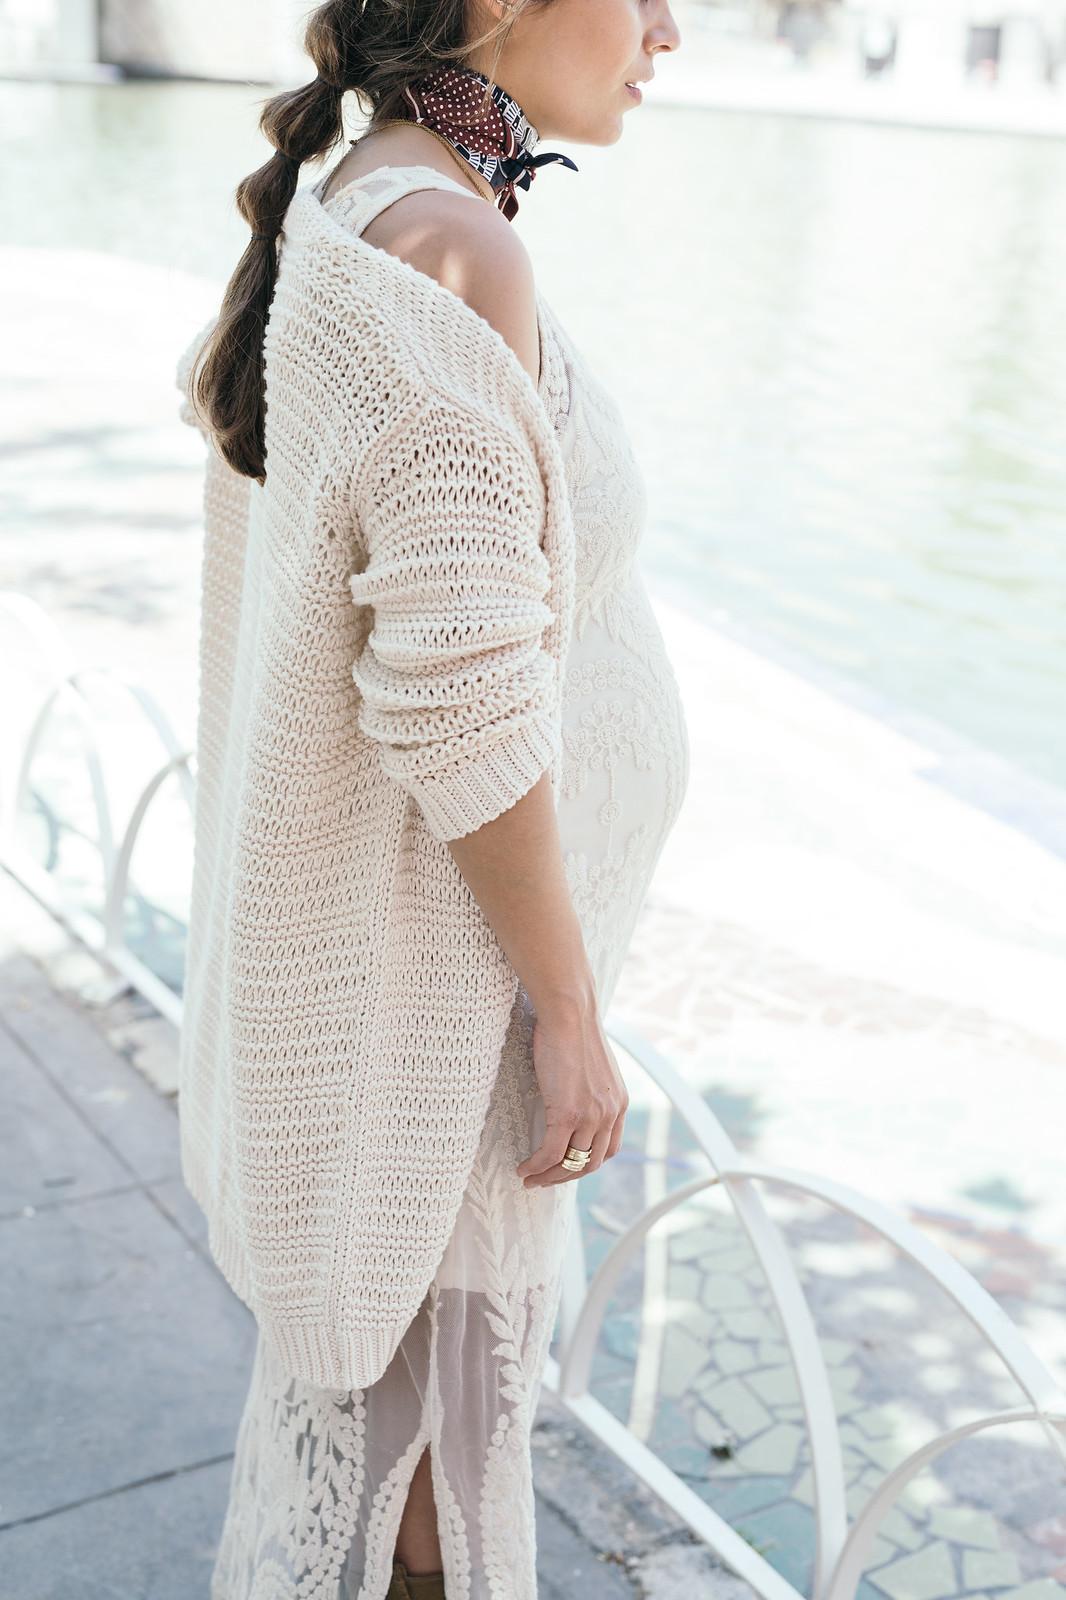 Jessie Chanes - Seams for a desire - El Corte Ingles - Giftlist - Lista de regalos dia de la madre -19